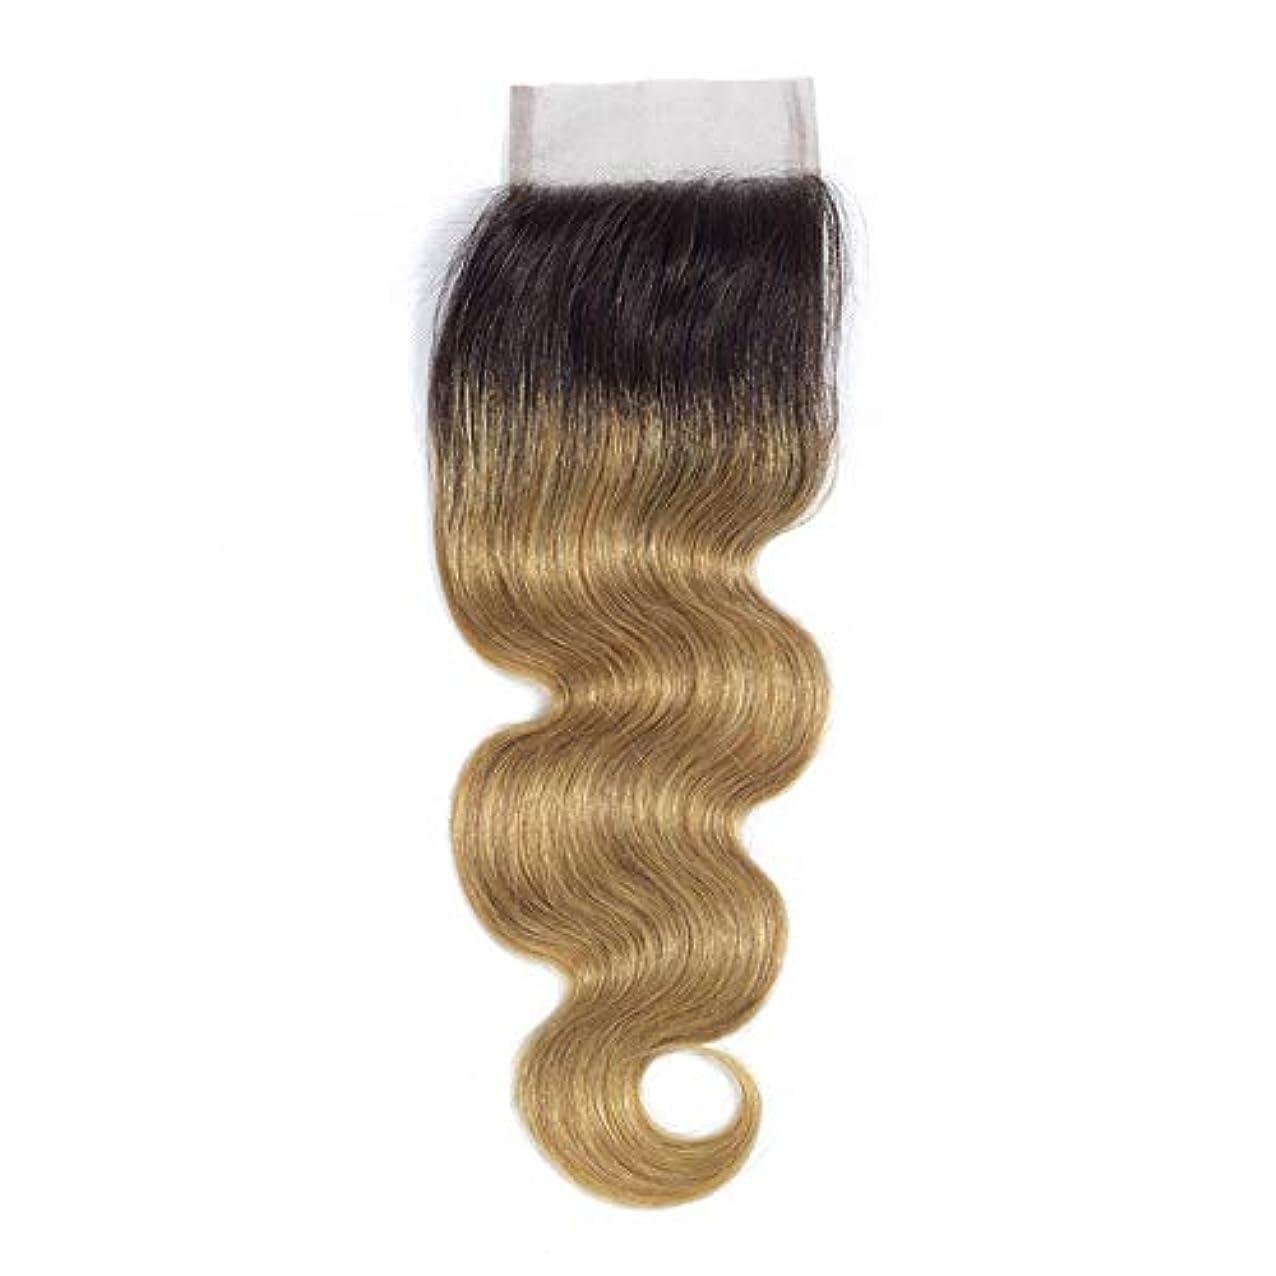 ネコあからさま二WASAIO オンブルボディウェーブ人間の髪ブラックライトブラウン拡張クリップ裏地なし髪型2トーン色フリーパート4x4のレースの正面閉鎖へ (色 : ブラウン, サイズ : 10 inch)